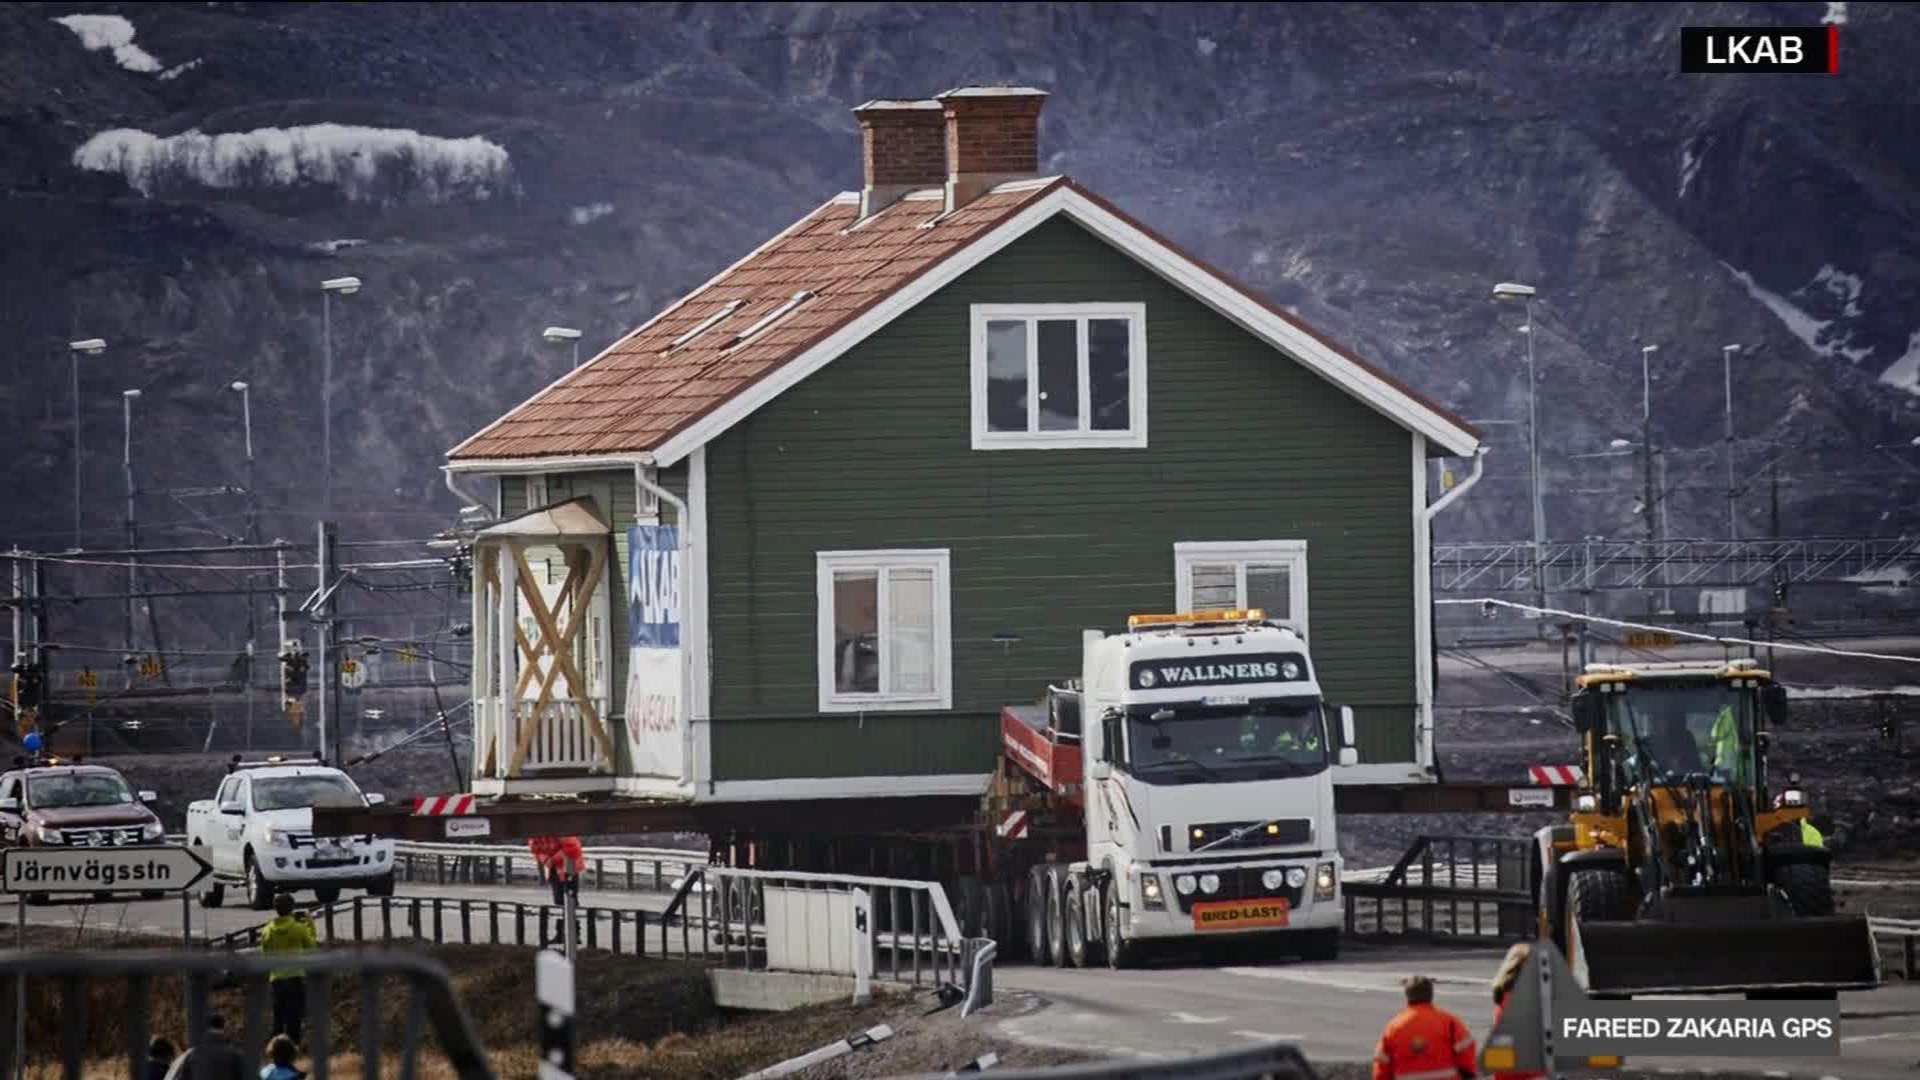 kiruna_truck.jpg